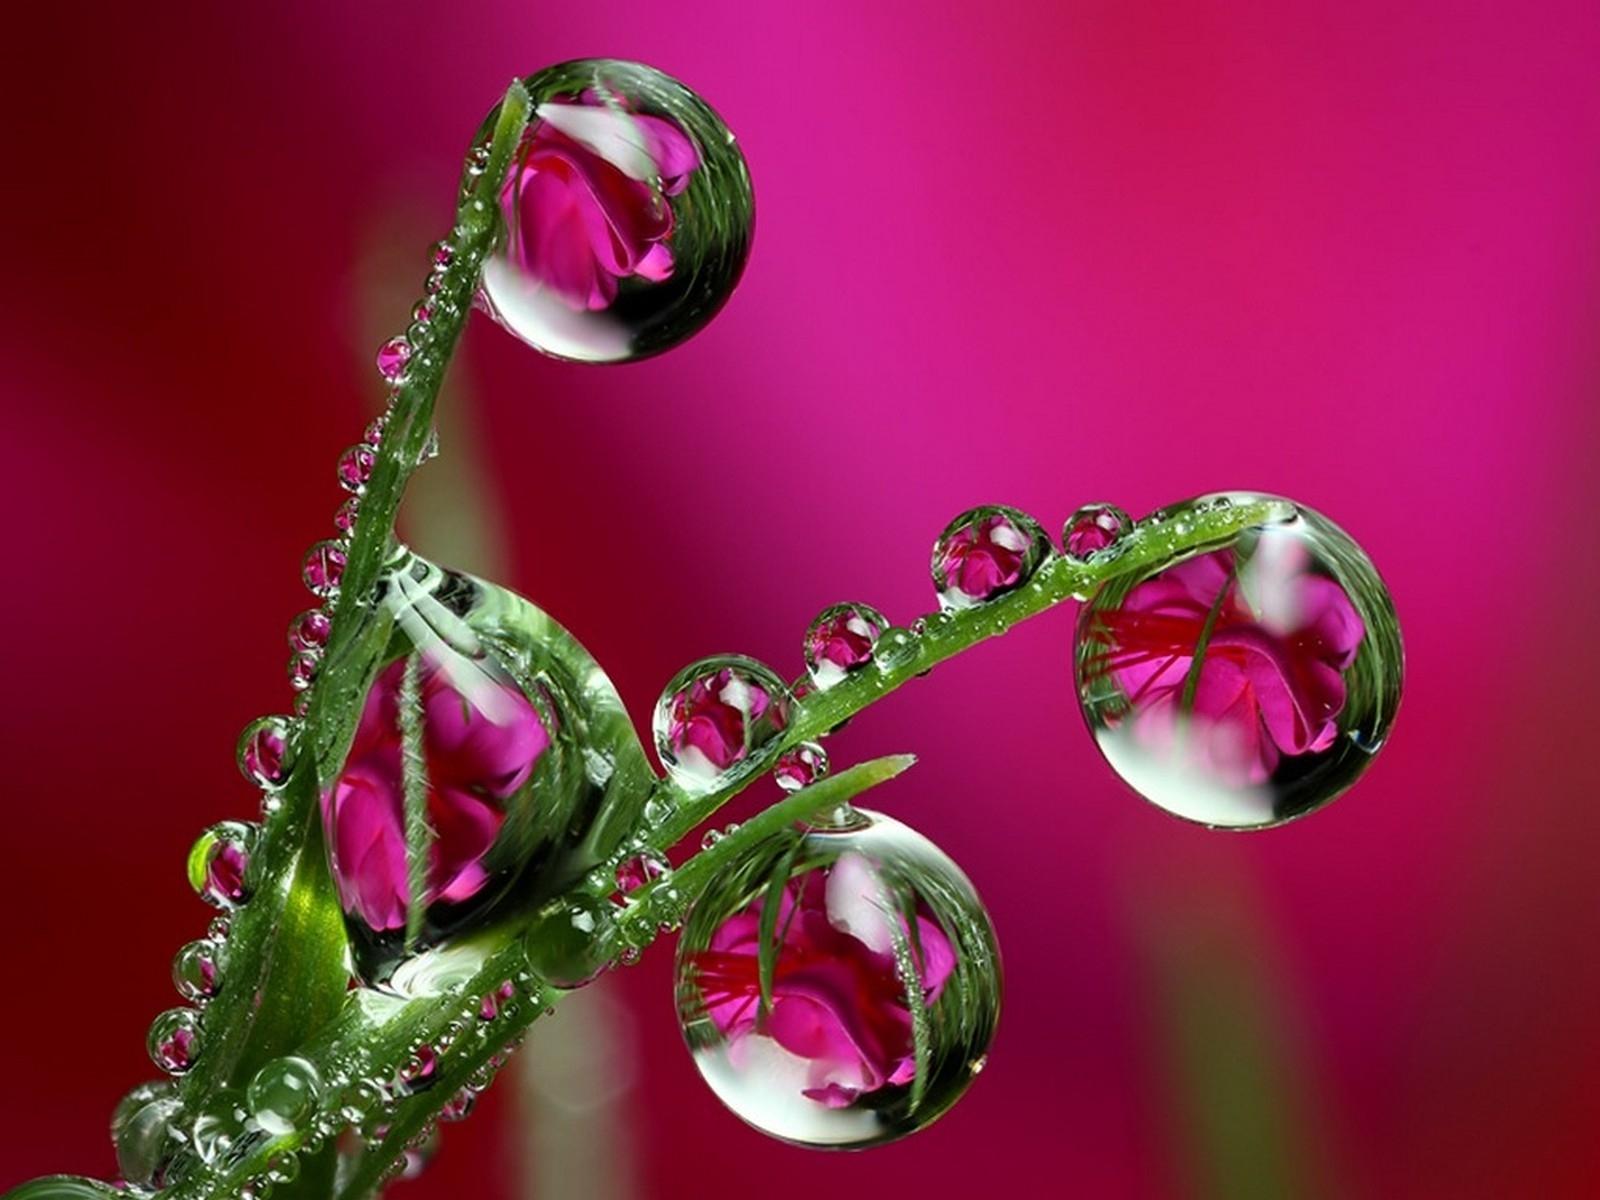 5231 Hintergrundbild herunterladen Pflanzen, Drops - Bildschirmschoner und Bilder kostenlos